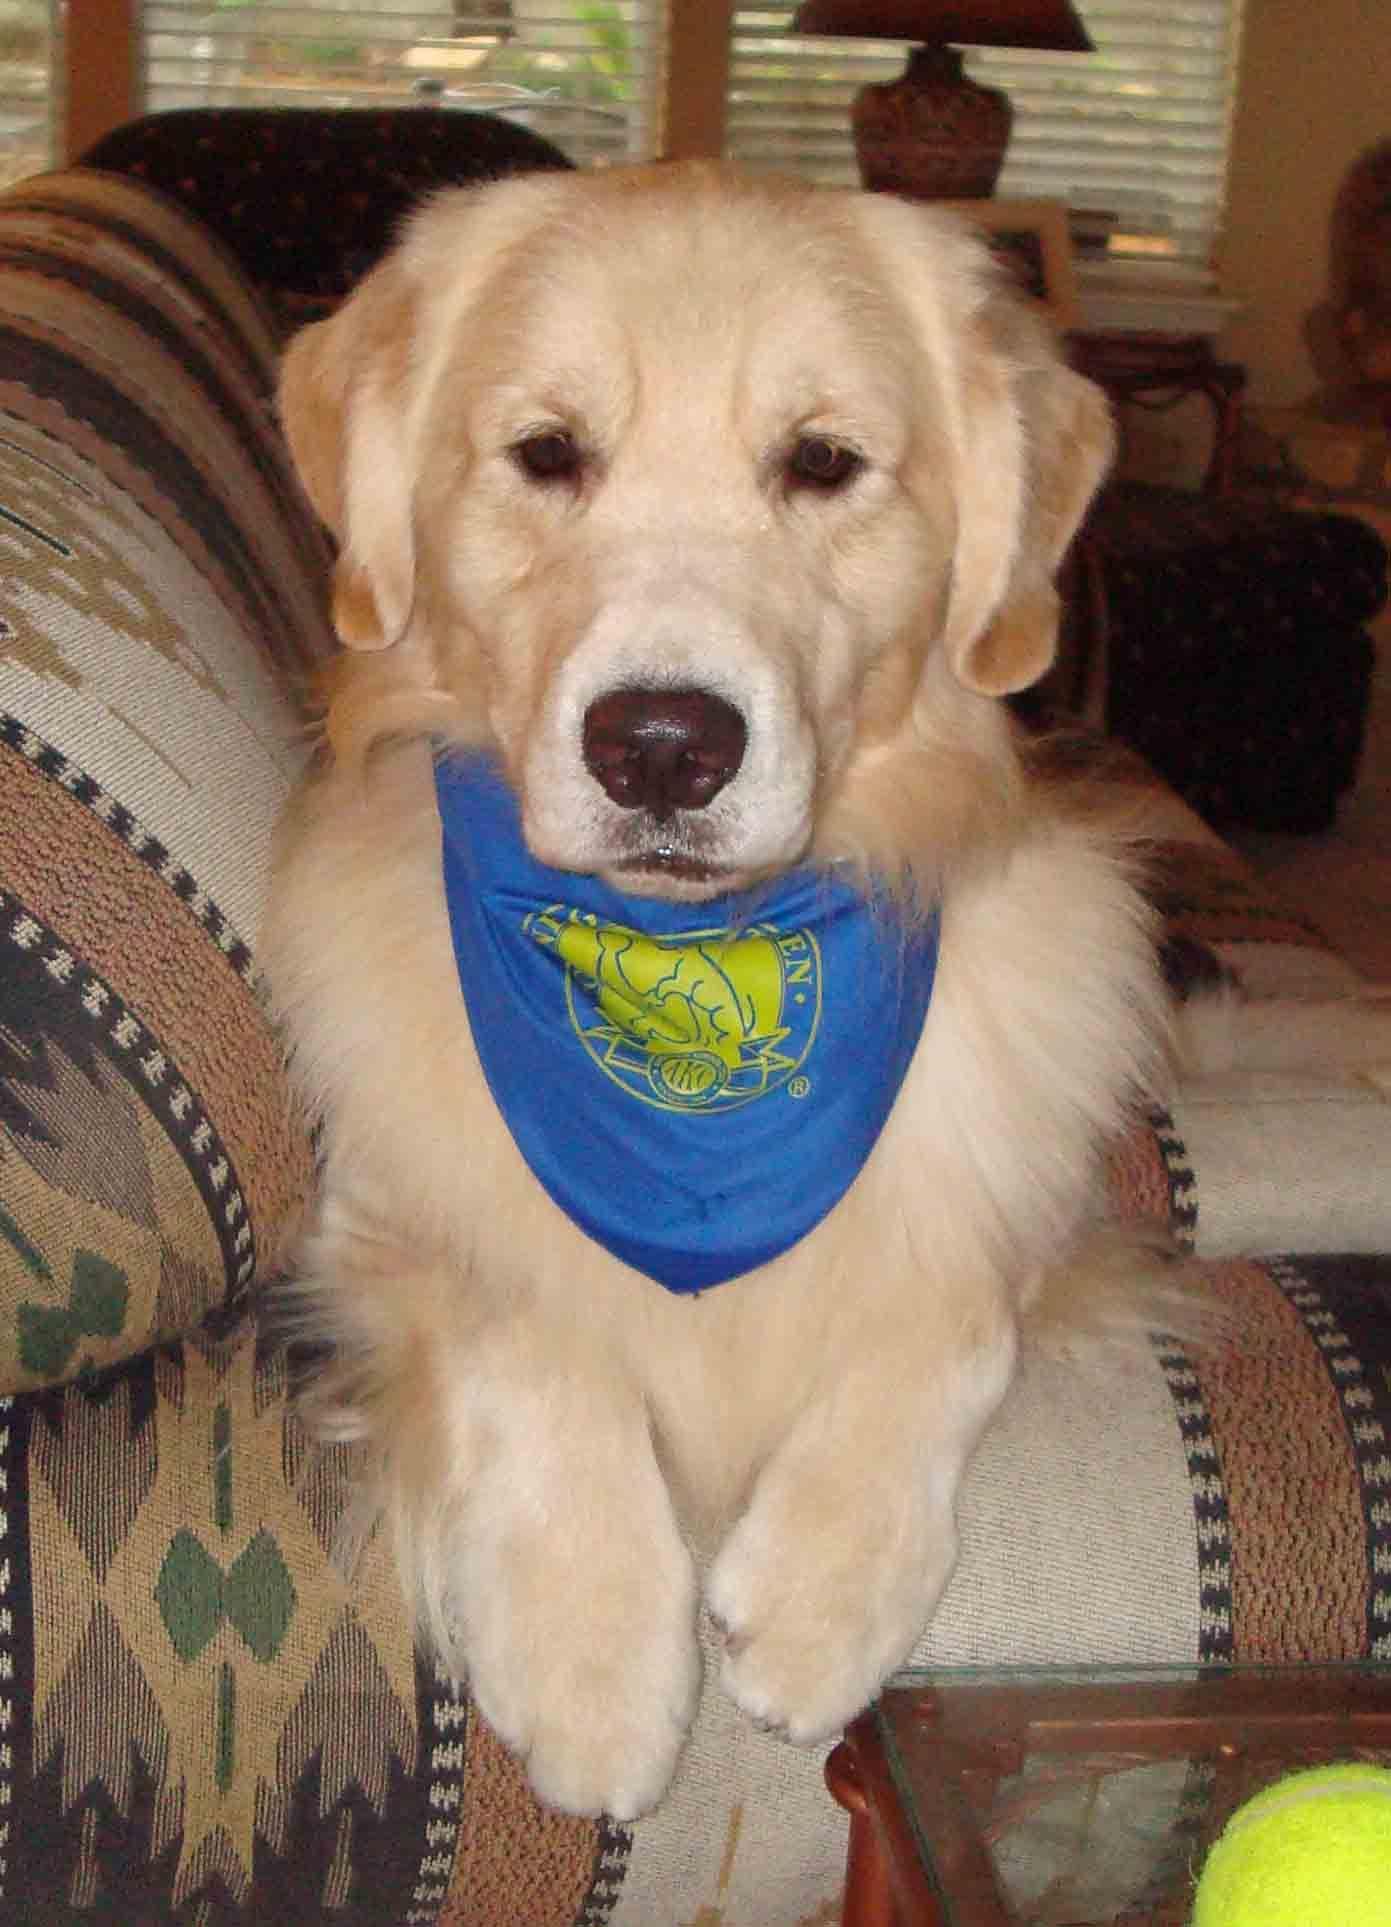 Canine good citizen cute animals golden retriever pets